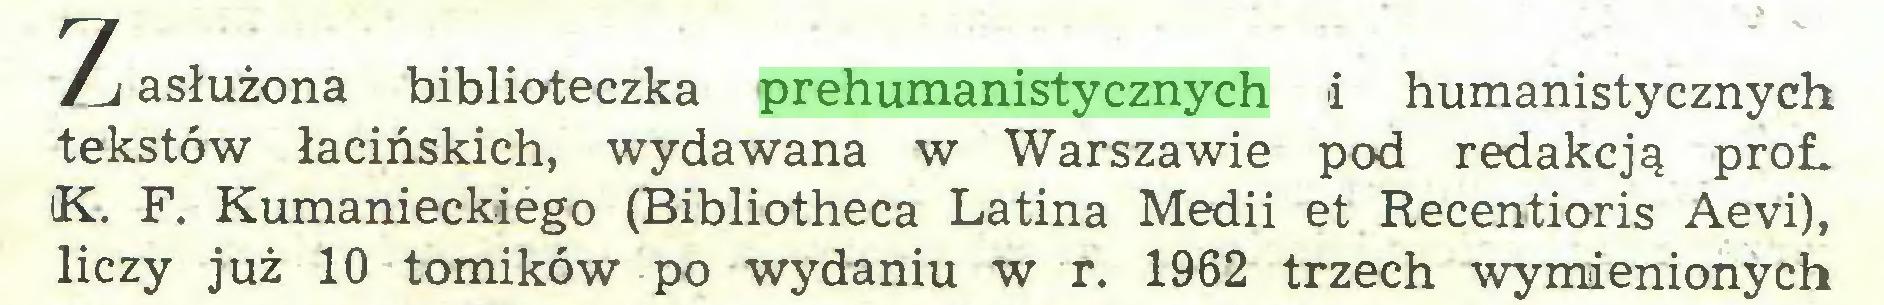 (...) Li asłużona biblioteczka prehumanistycznych i humanistycznych tekstów łacińskich, wydawana w Warszawie pod redakcją prol iK. F. Kumanieckiego (Bibliotheca Latina Medii et Recentioris Aevi), liczy już 10 tomików po wydaniu w r. 1962 trzech wymienionych...